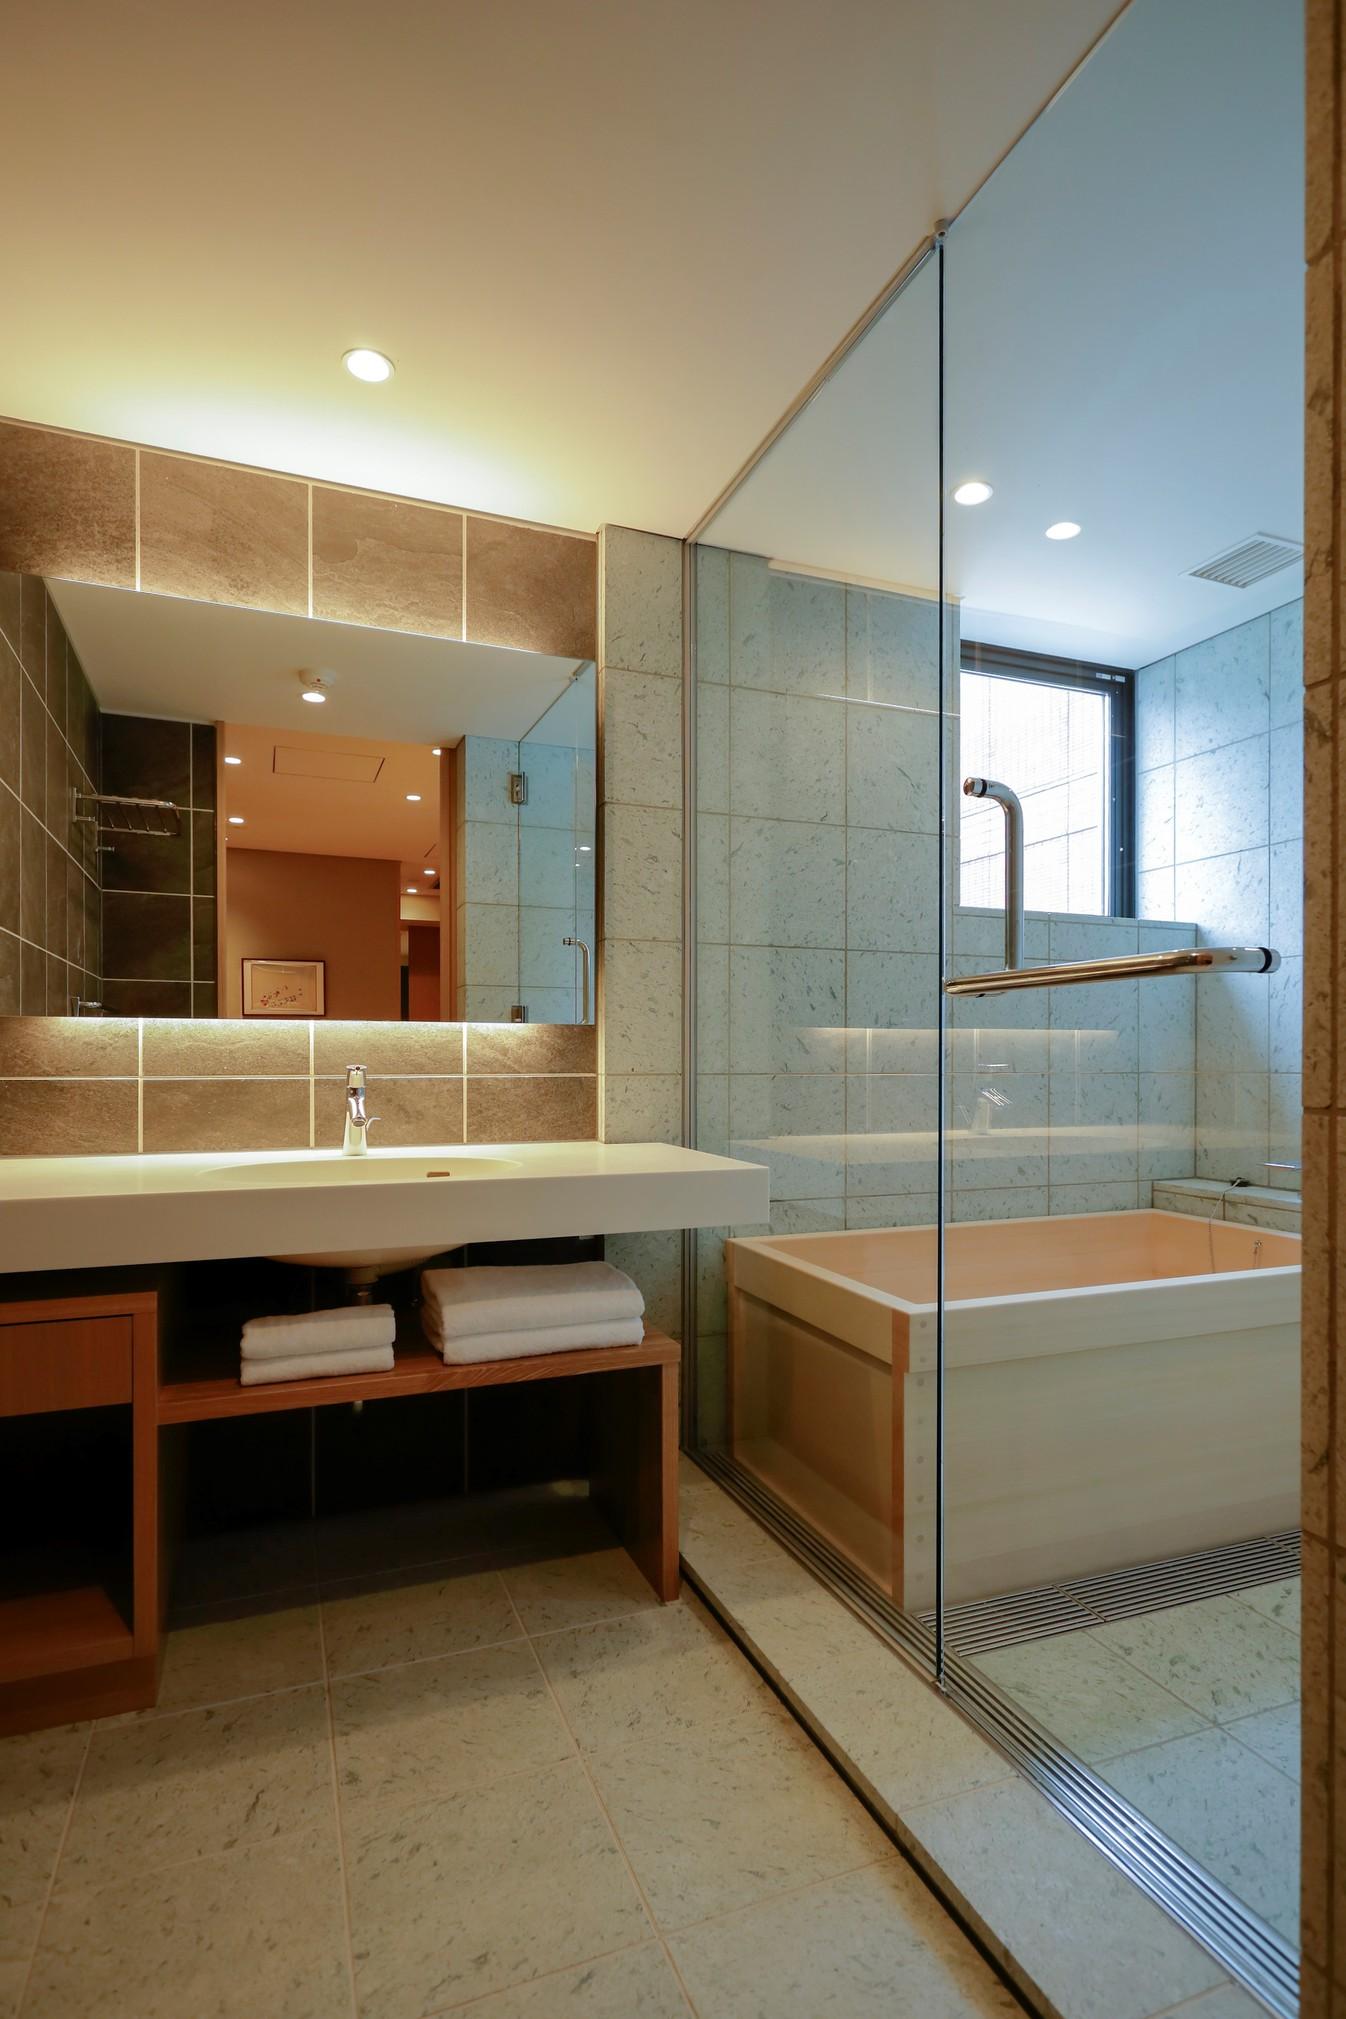 青海波 バスルーム